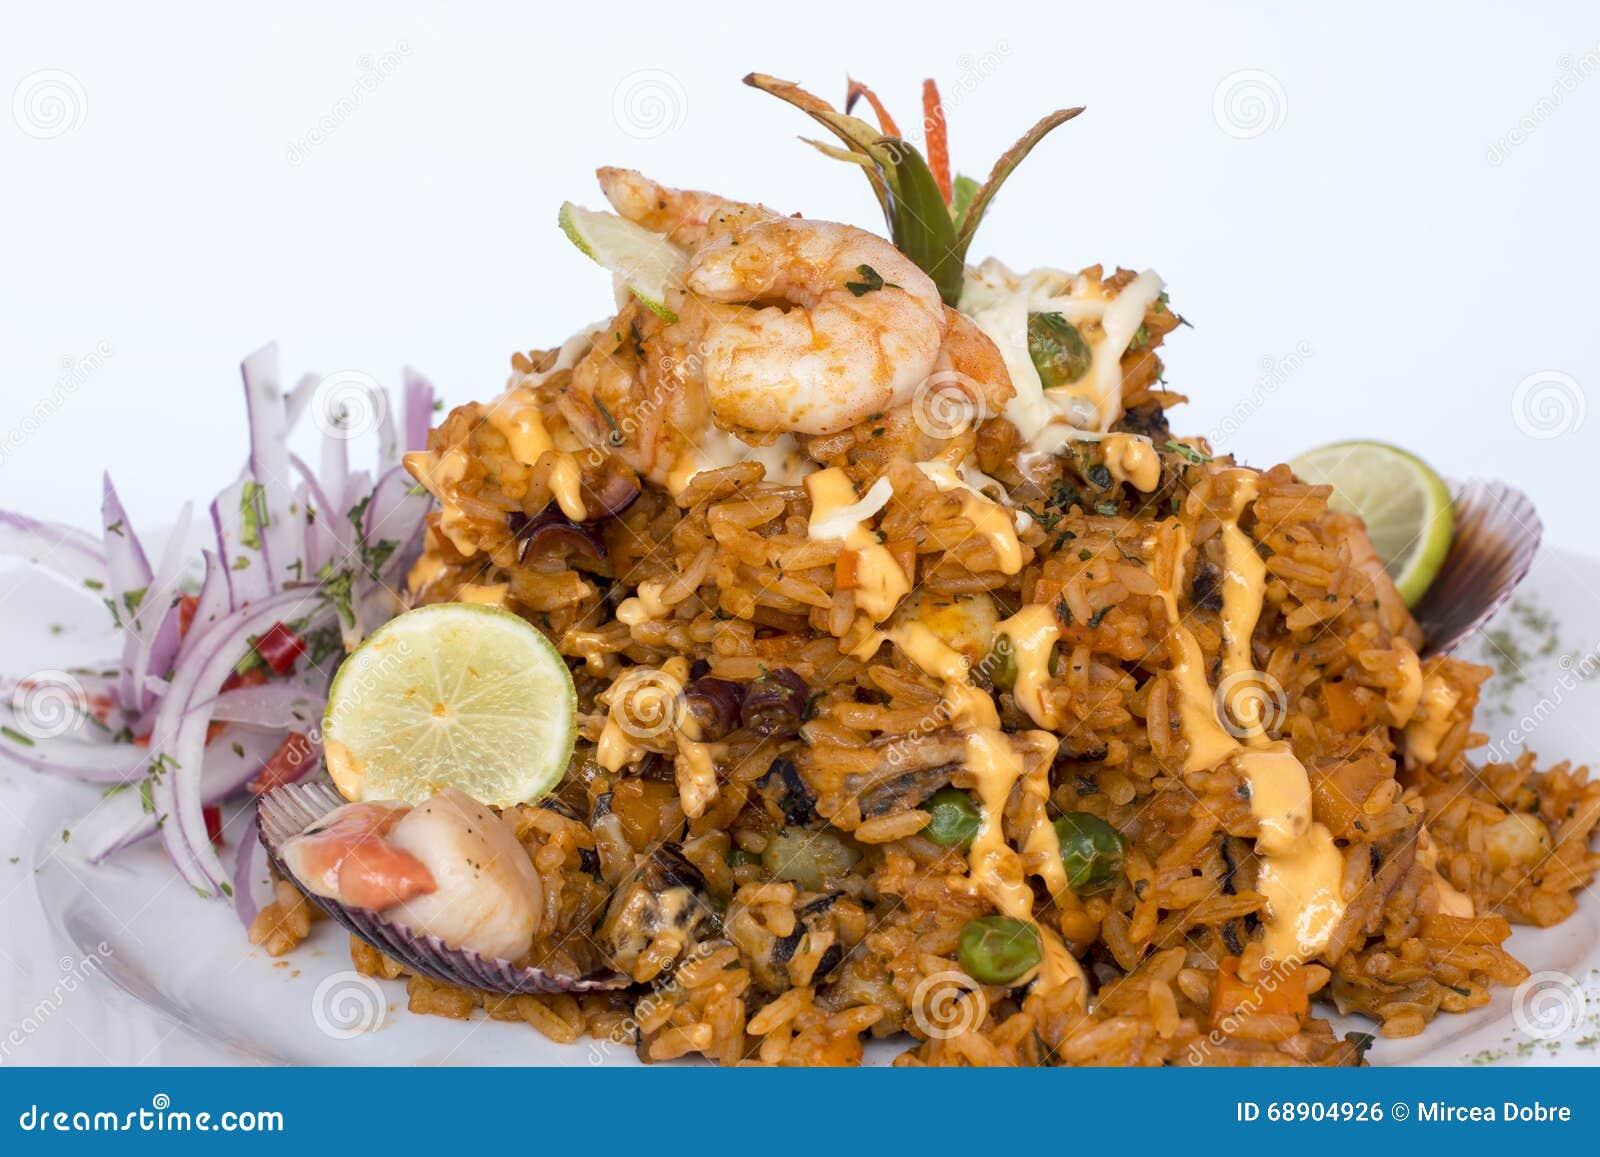 Peru Dish: Arroz com marisco (engodo Mariscos de Arroz)